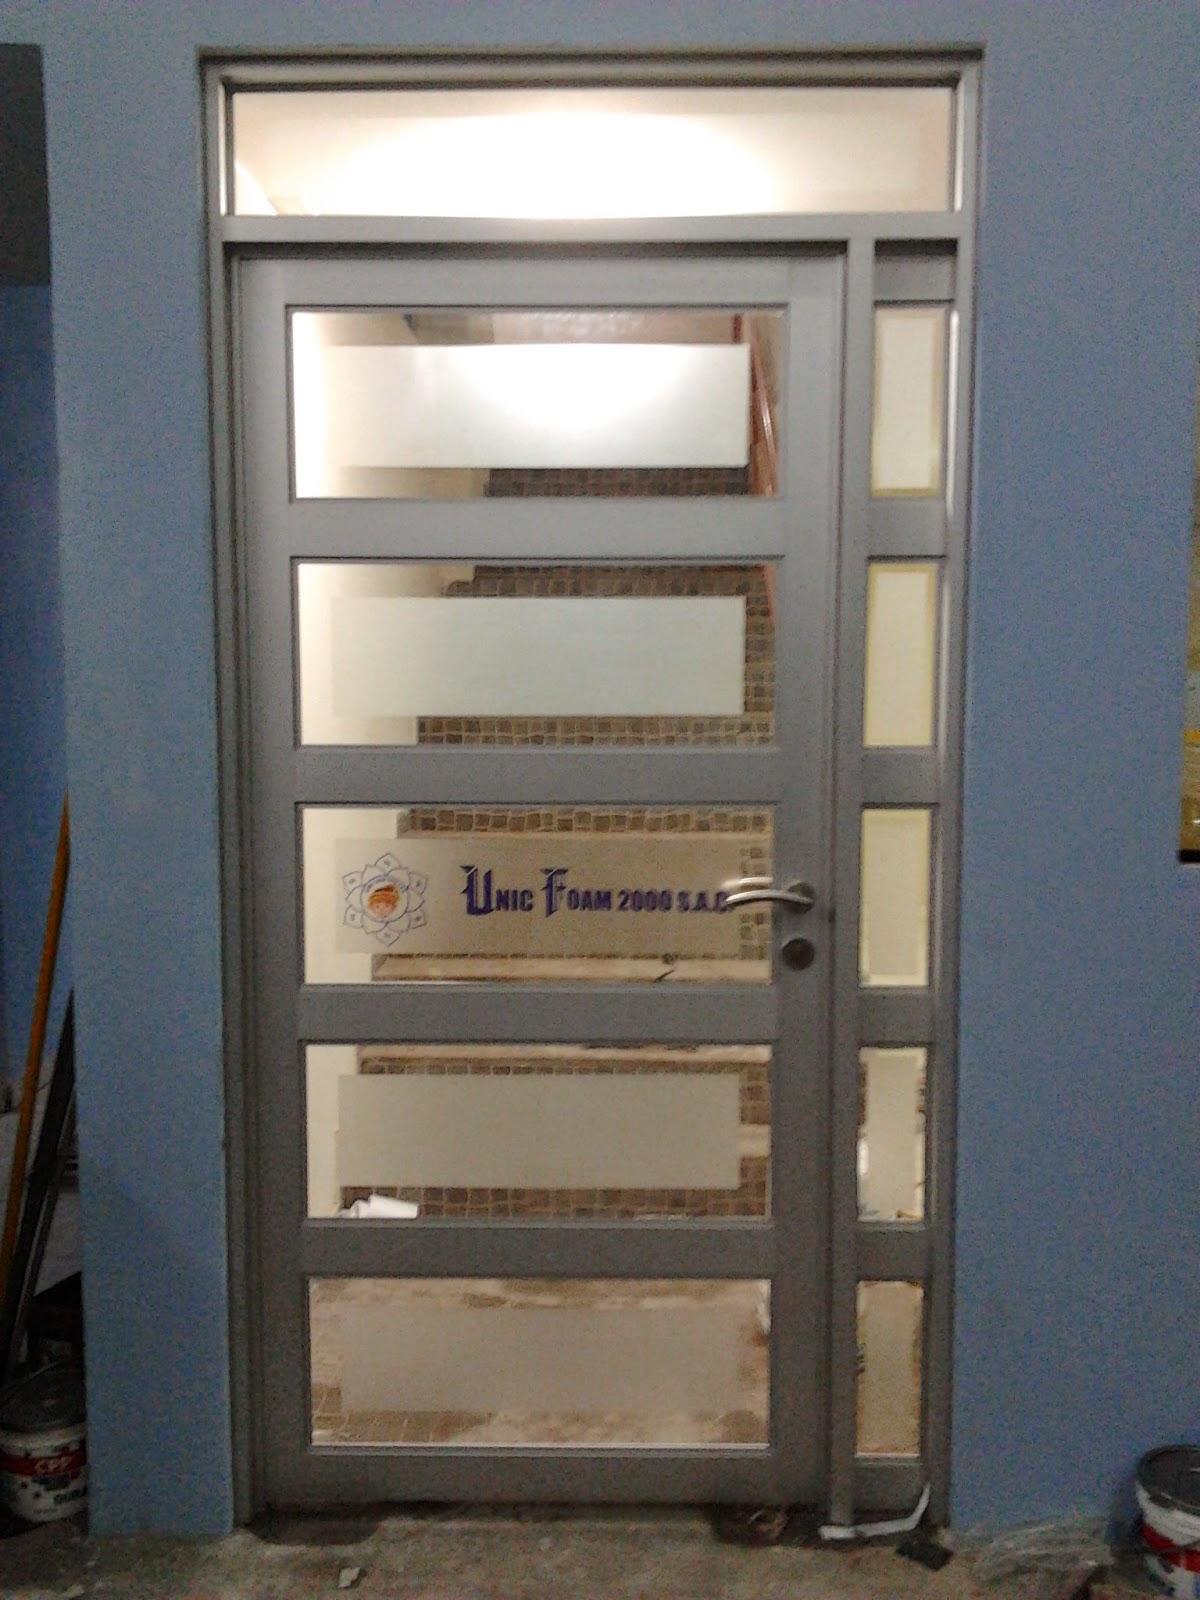 Imagenes de puertas de aluminio para interiores puertas a for Puertas de aluminio para interiores